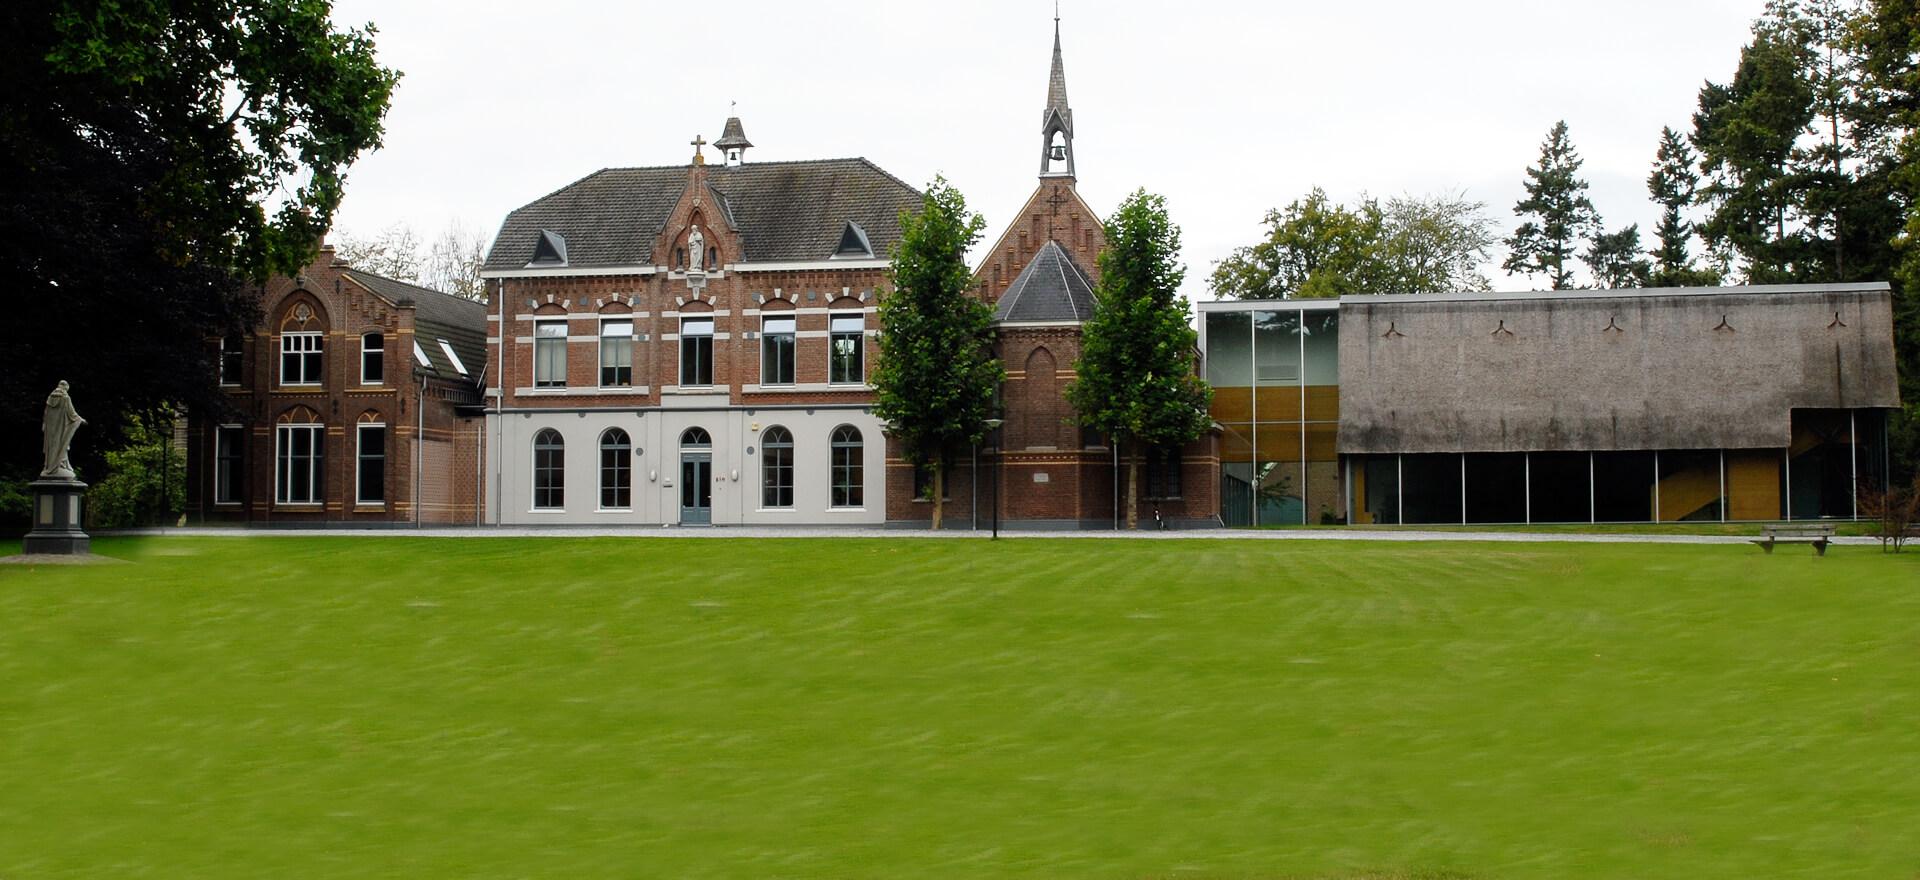 Kloosterhotel ZIN aanzicht voorzijde welkom groen gras voordeur klooster